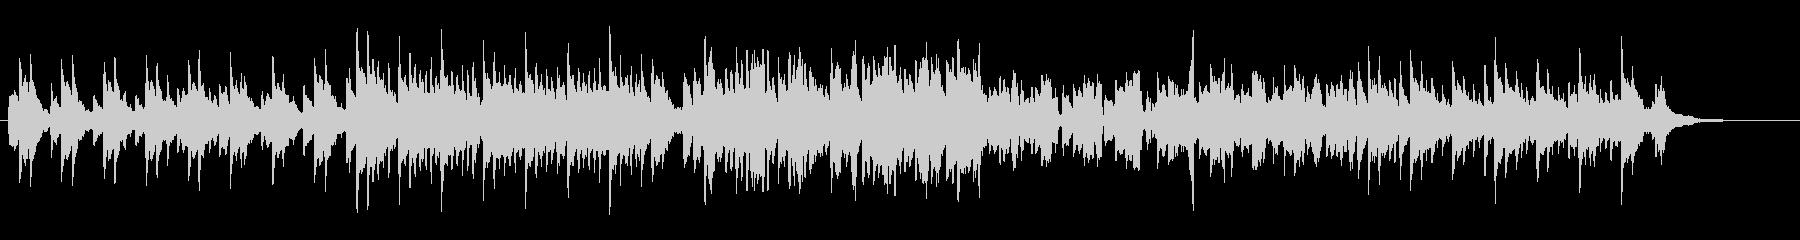 ほんわかしたピアノインストの未再生の波形